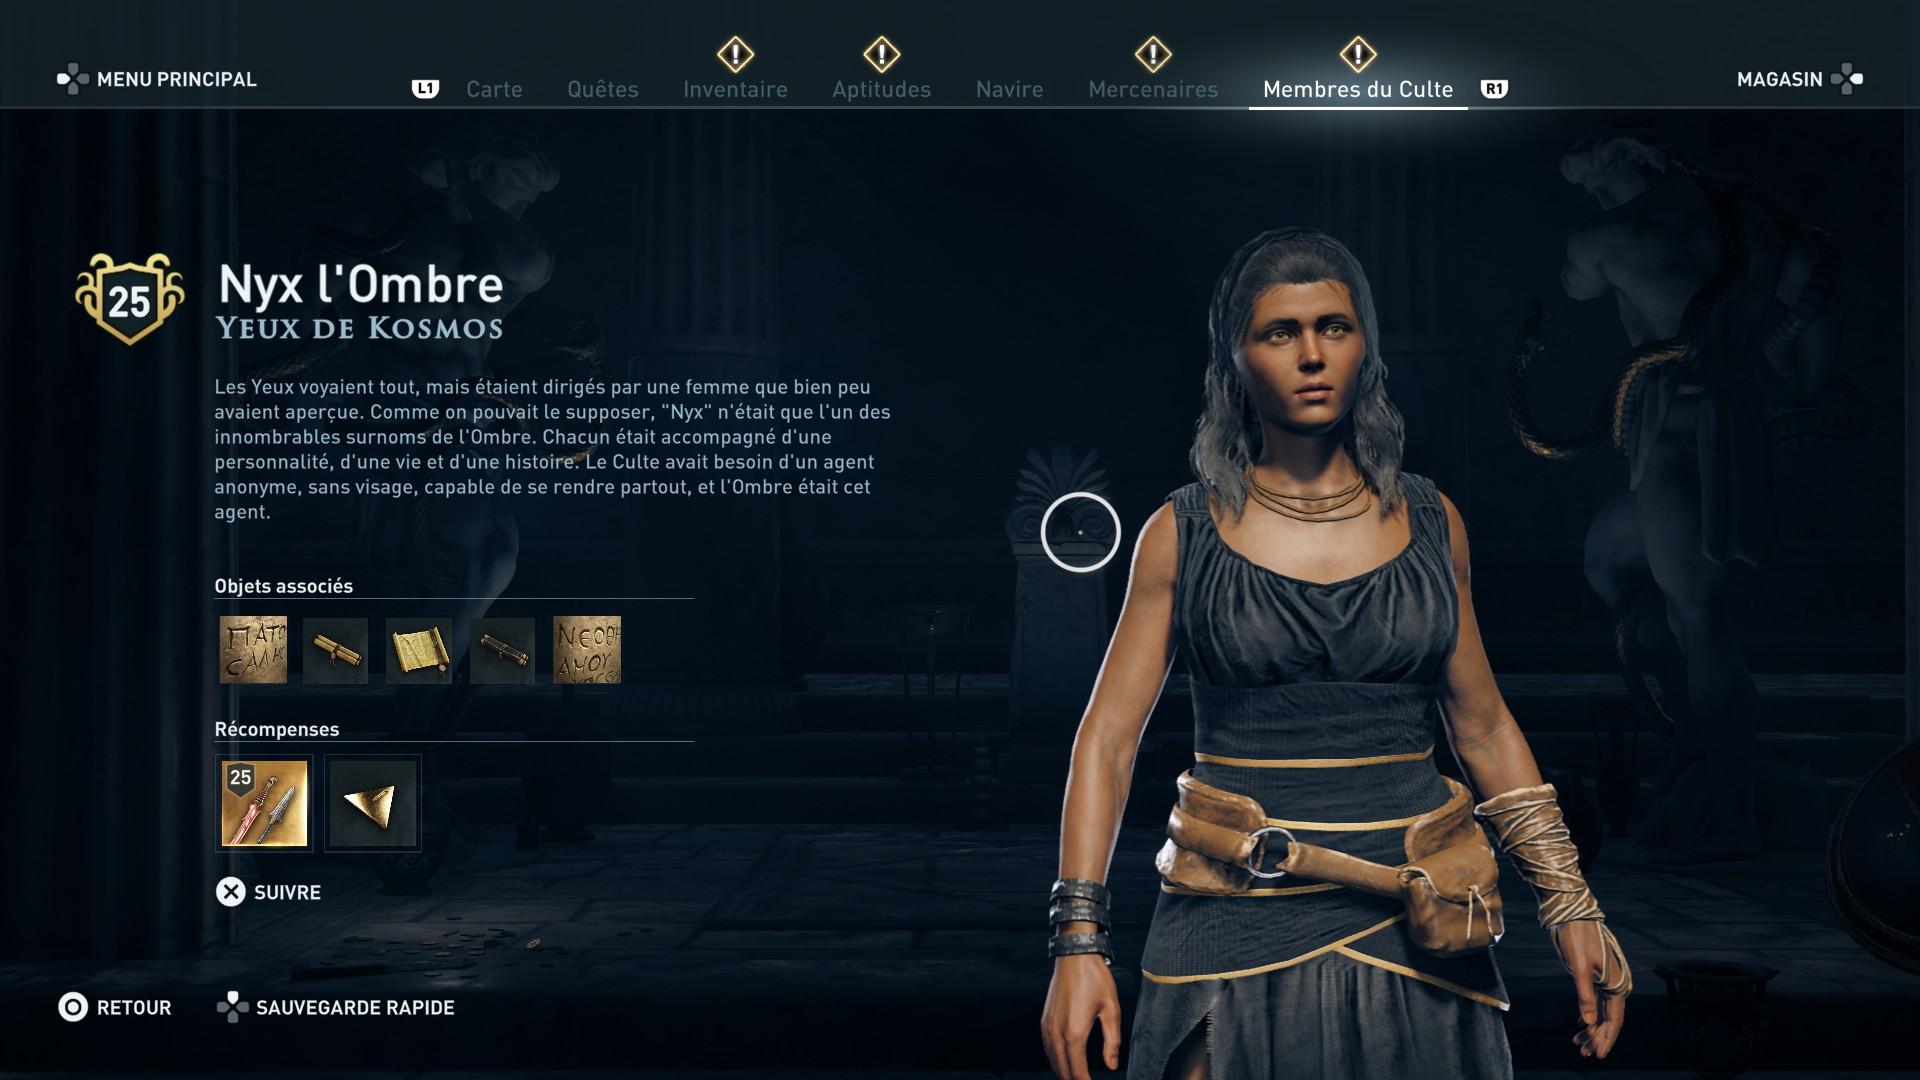 Assassin's Creed Odyssey trouver et tuer les adeptes du culte du Kosmos, ps4, xbox one, pc, ubisoft, jeu vidéo, Yeux de Kosmos, nyx l'ombre